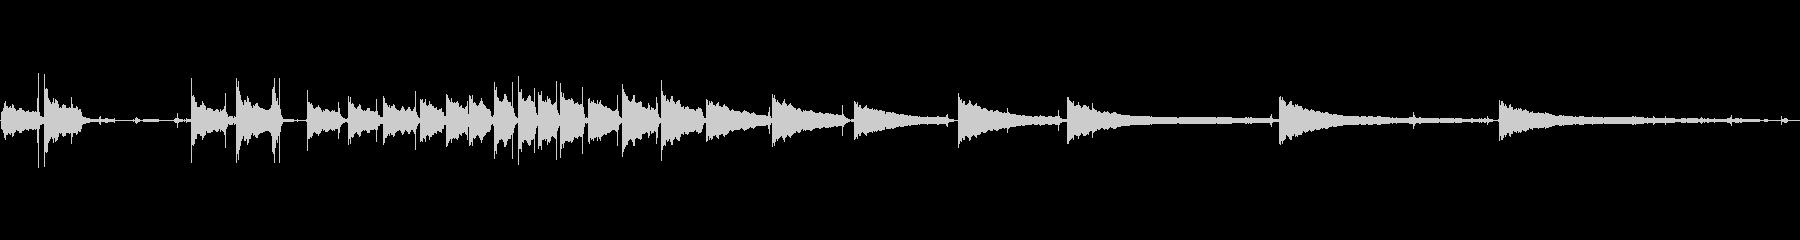 生音エレキギター6弦チューニング3の未再生の波形